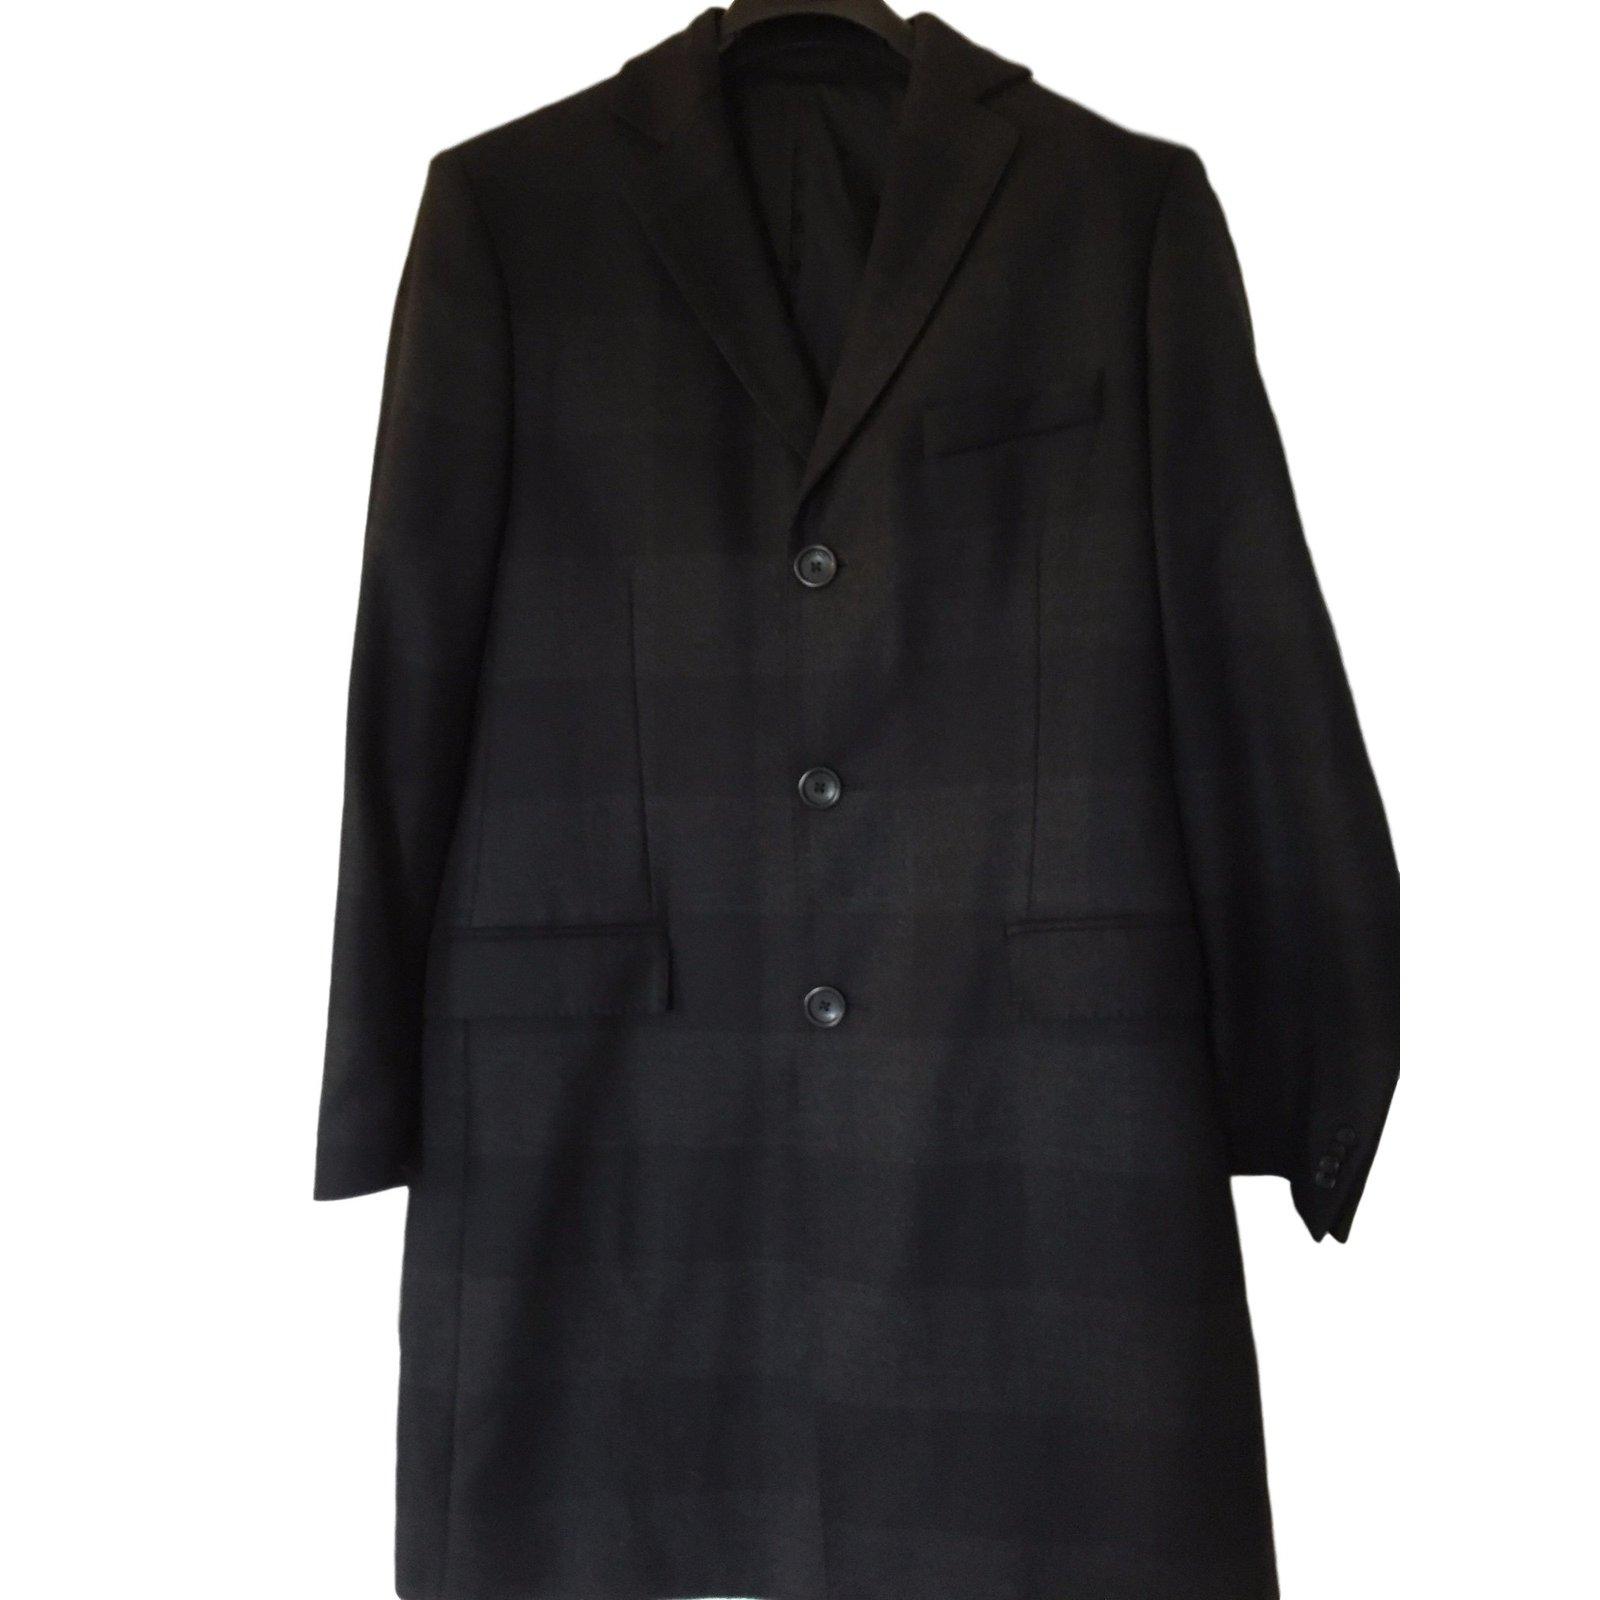 manteaux homme versace manteau homme laine noir joli closet. Black Bedroom Furniture Sets. Home Design Ideas